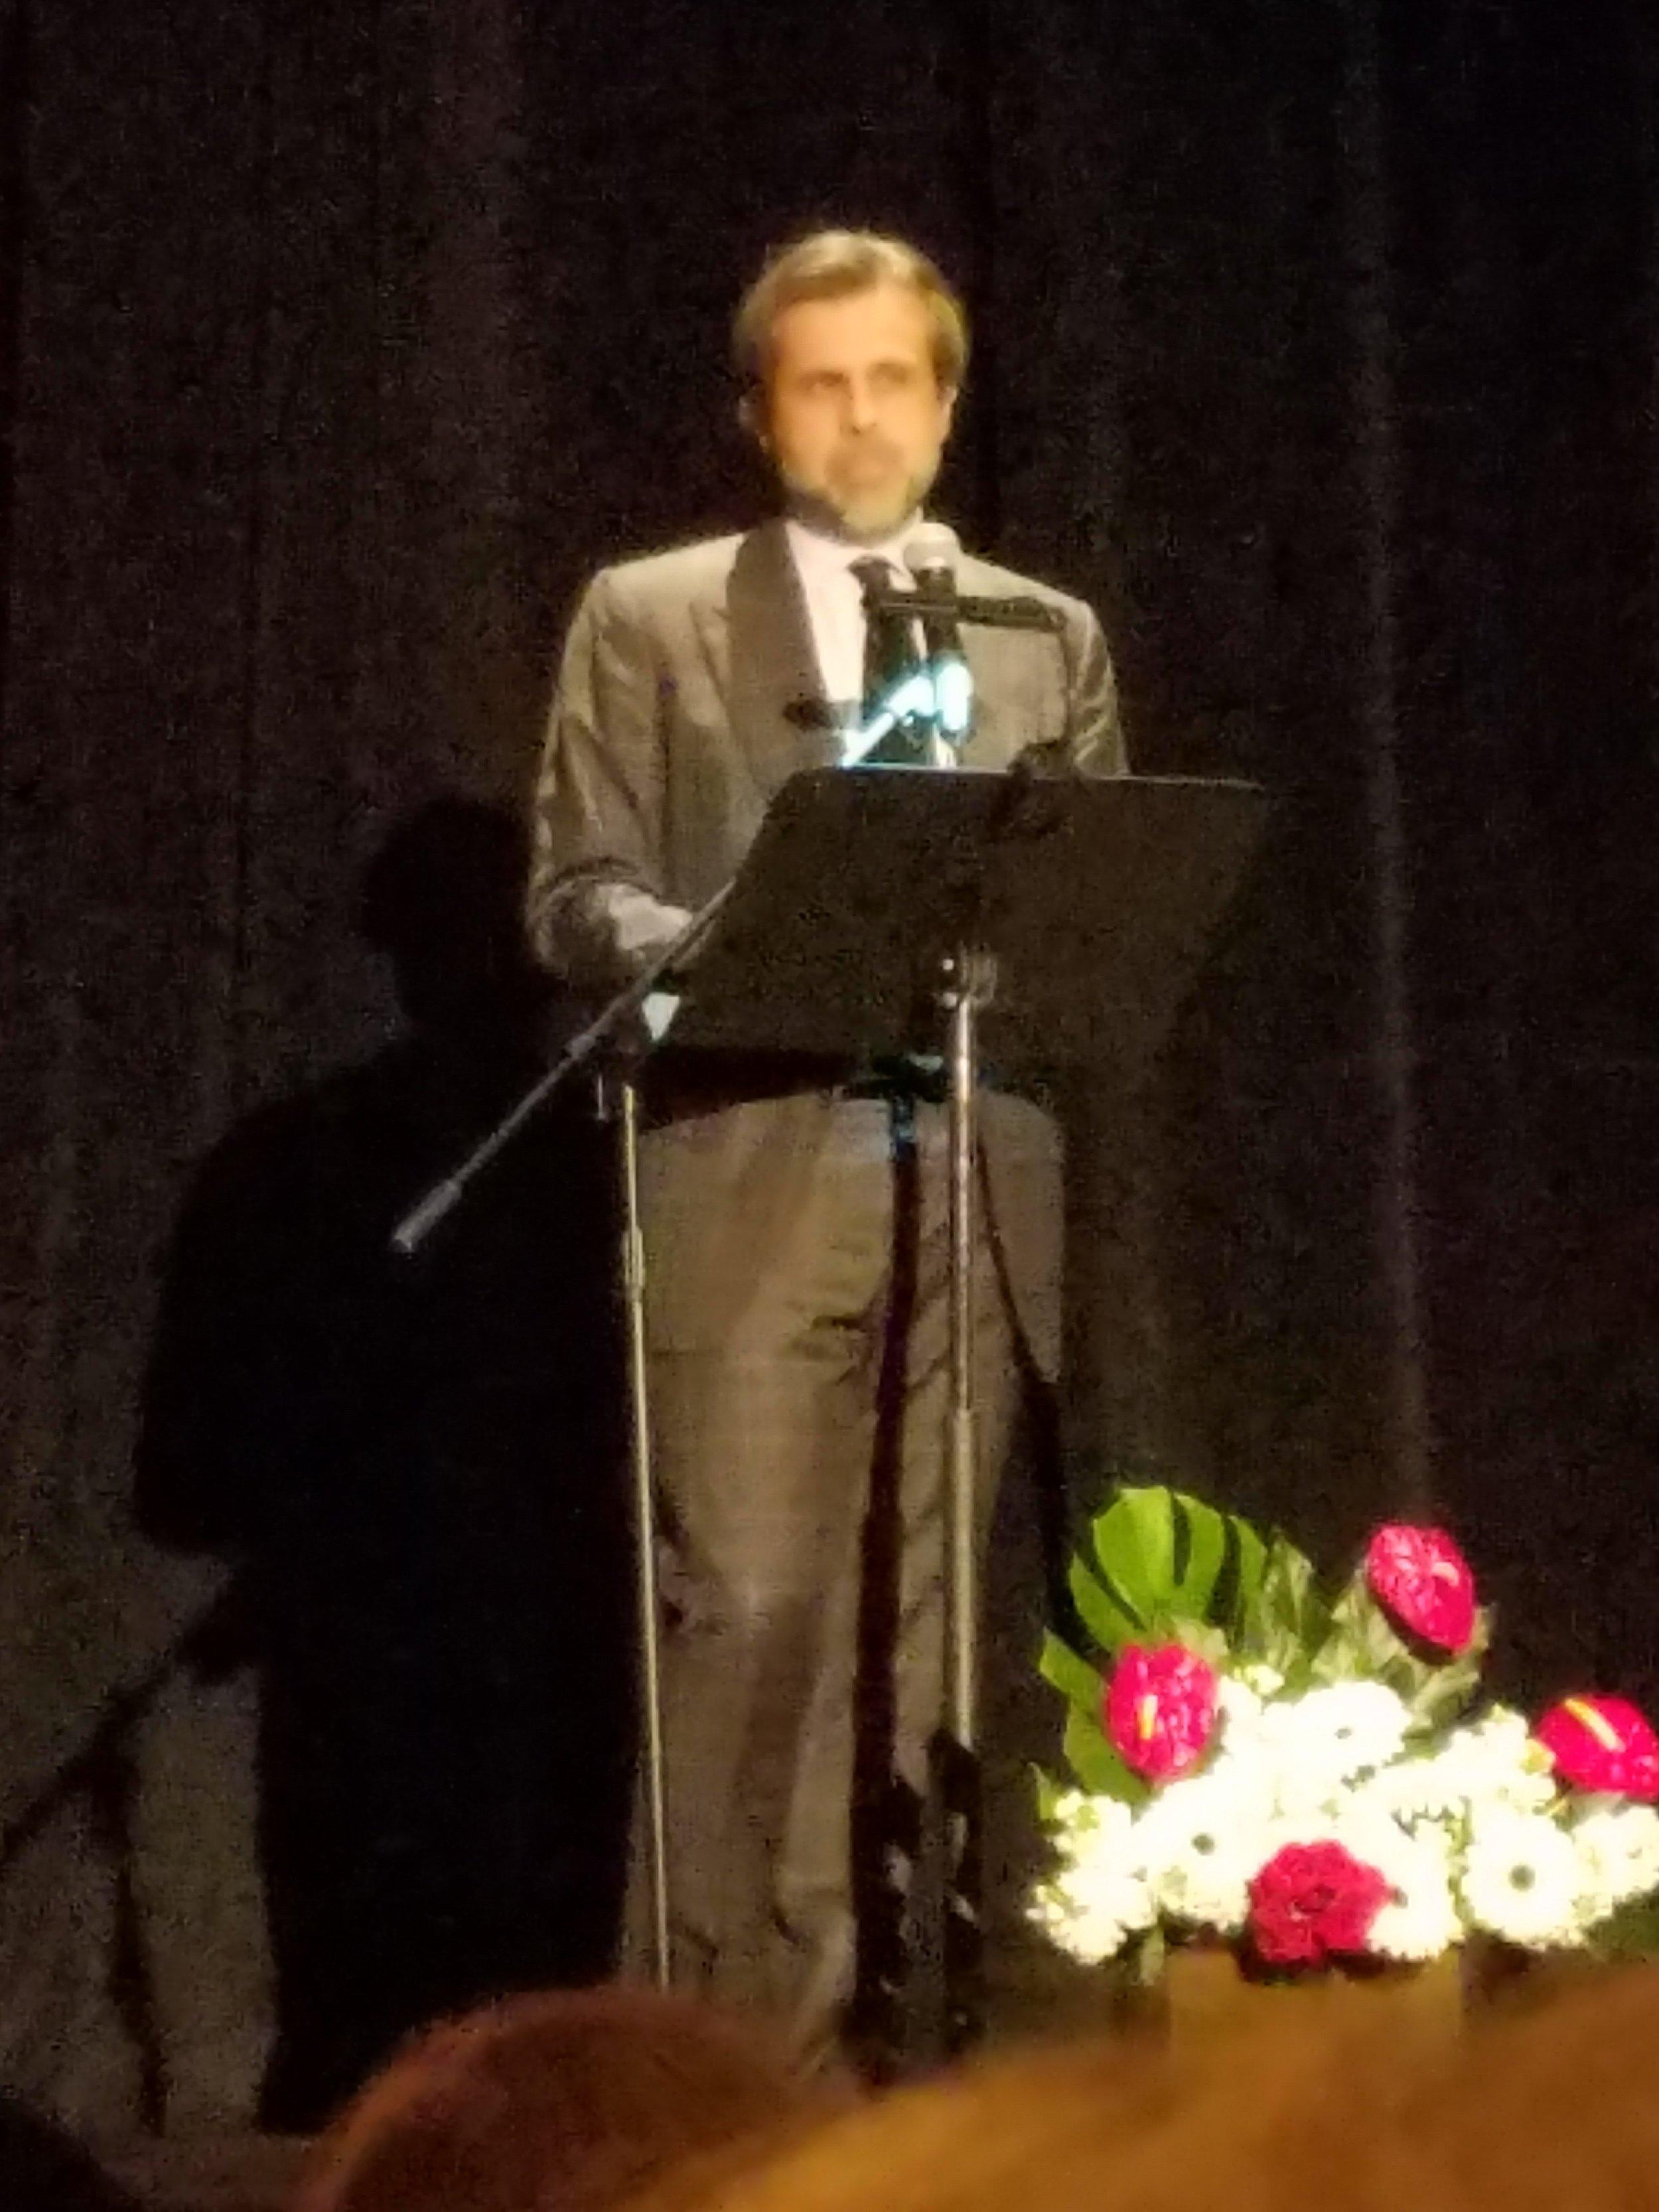 DIA Director Salvador Salort-Pons.